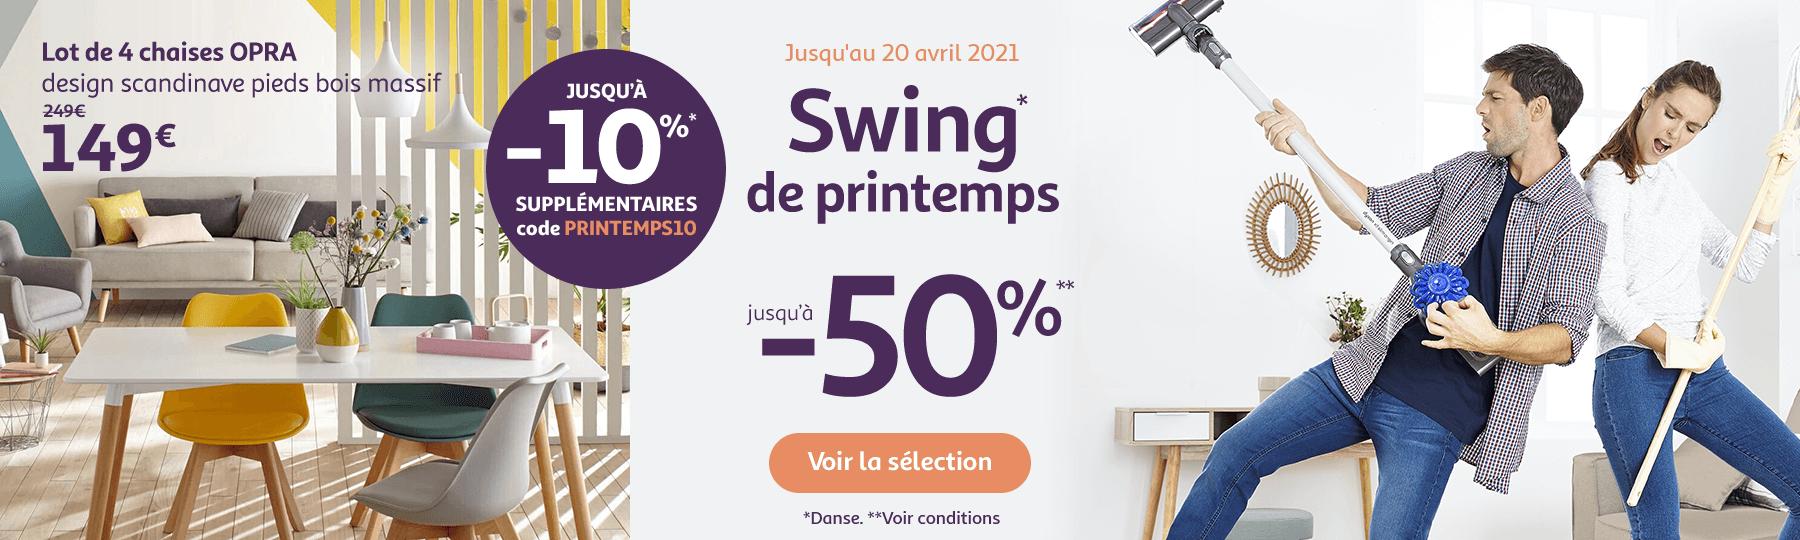 Swing de printemps, jusqu'à -50% et jusqu'à -10% supplémentaires avec le code PRINTEMPS10